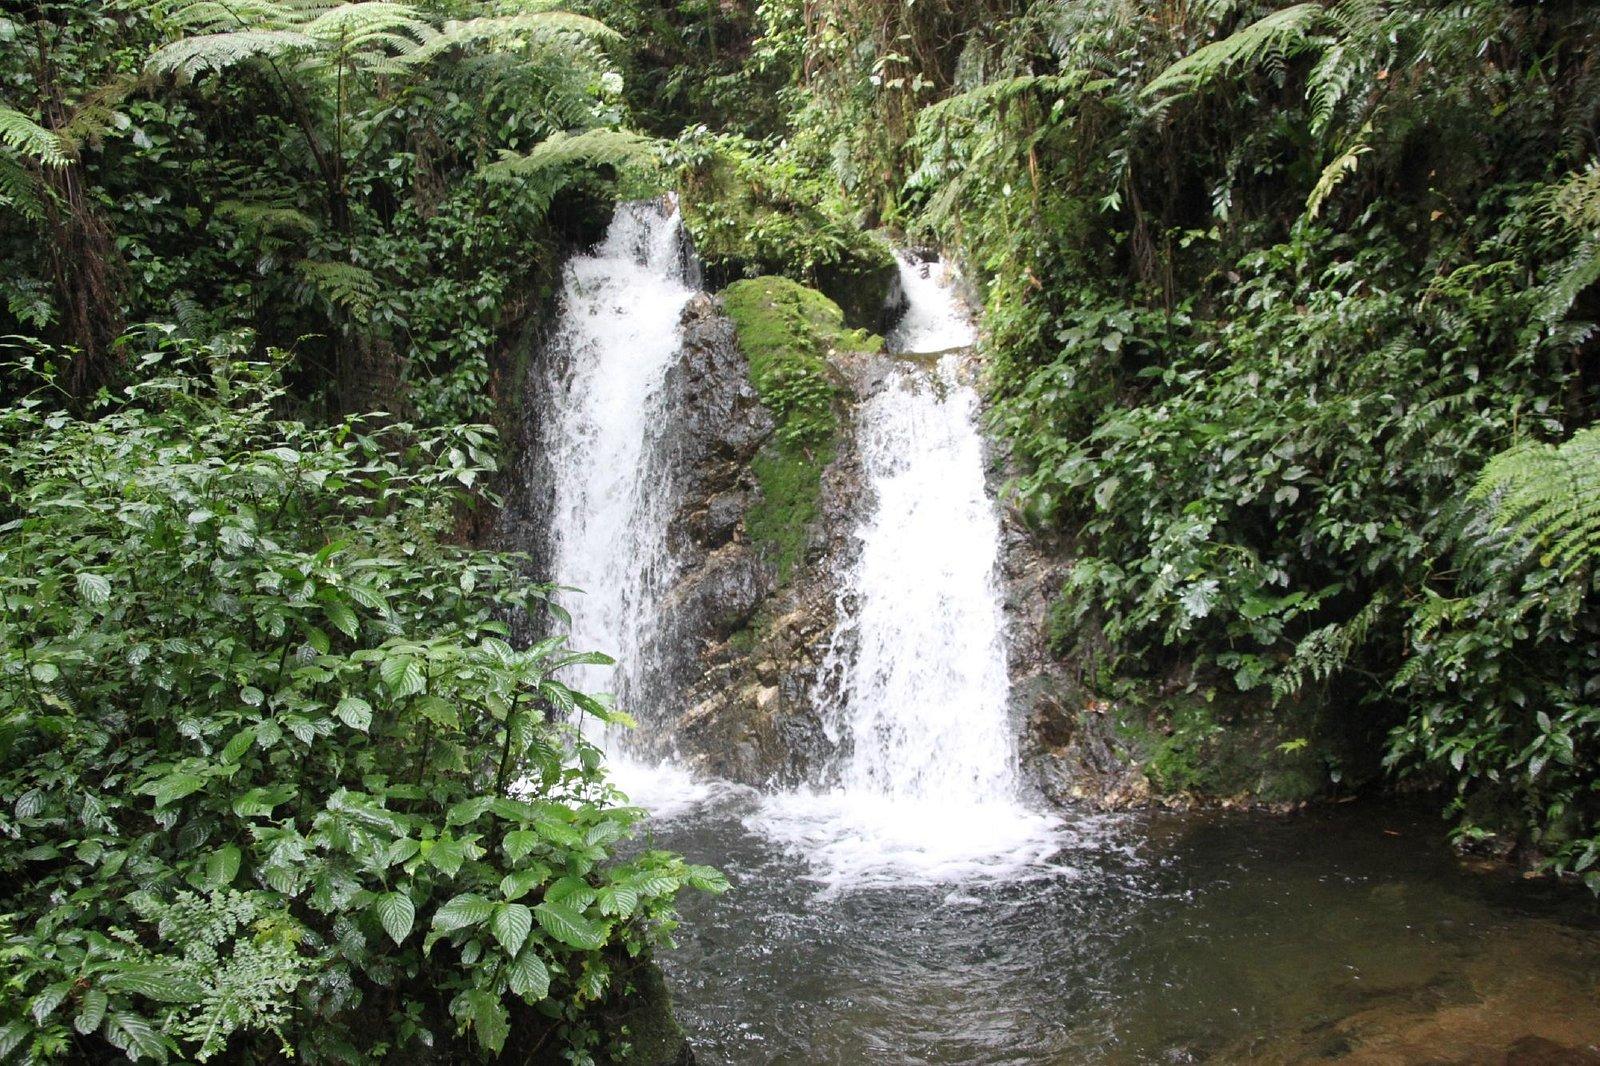 Middle Muyanga Falls